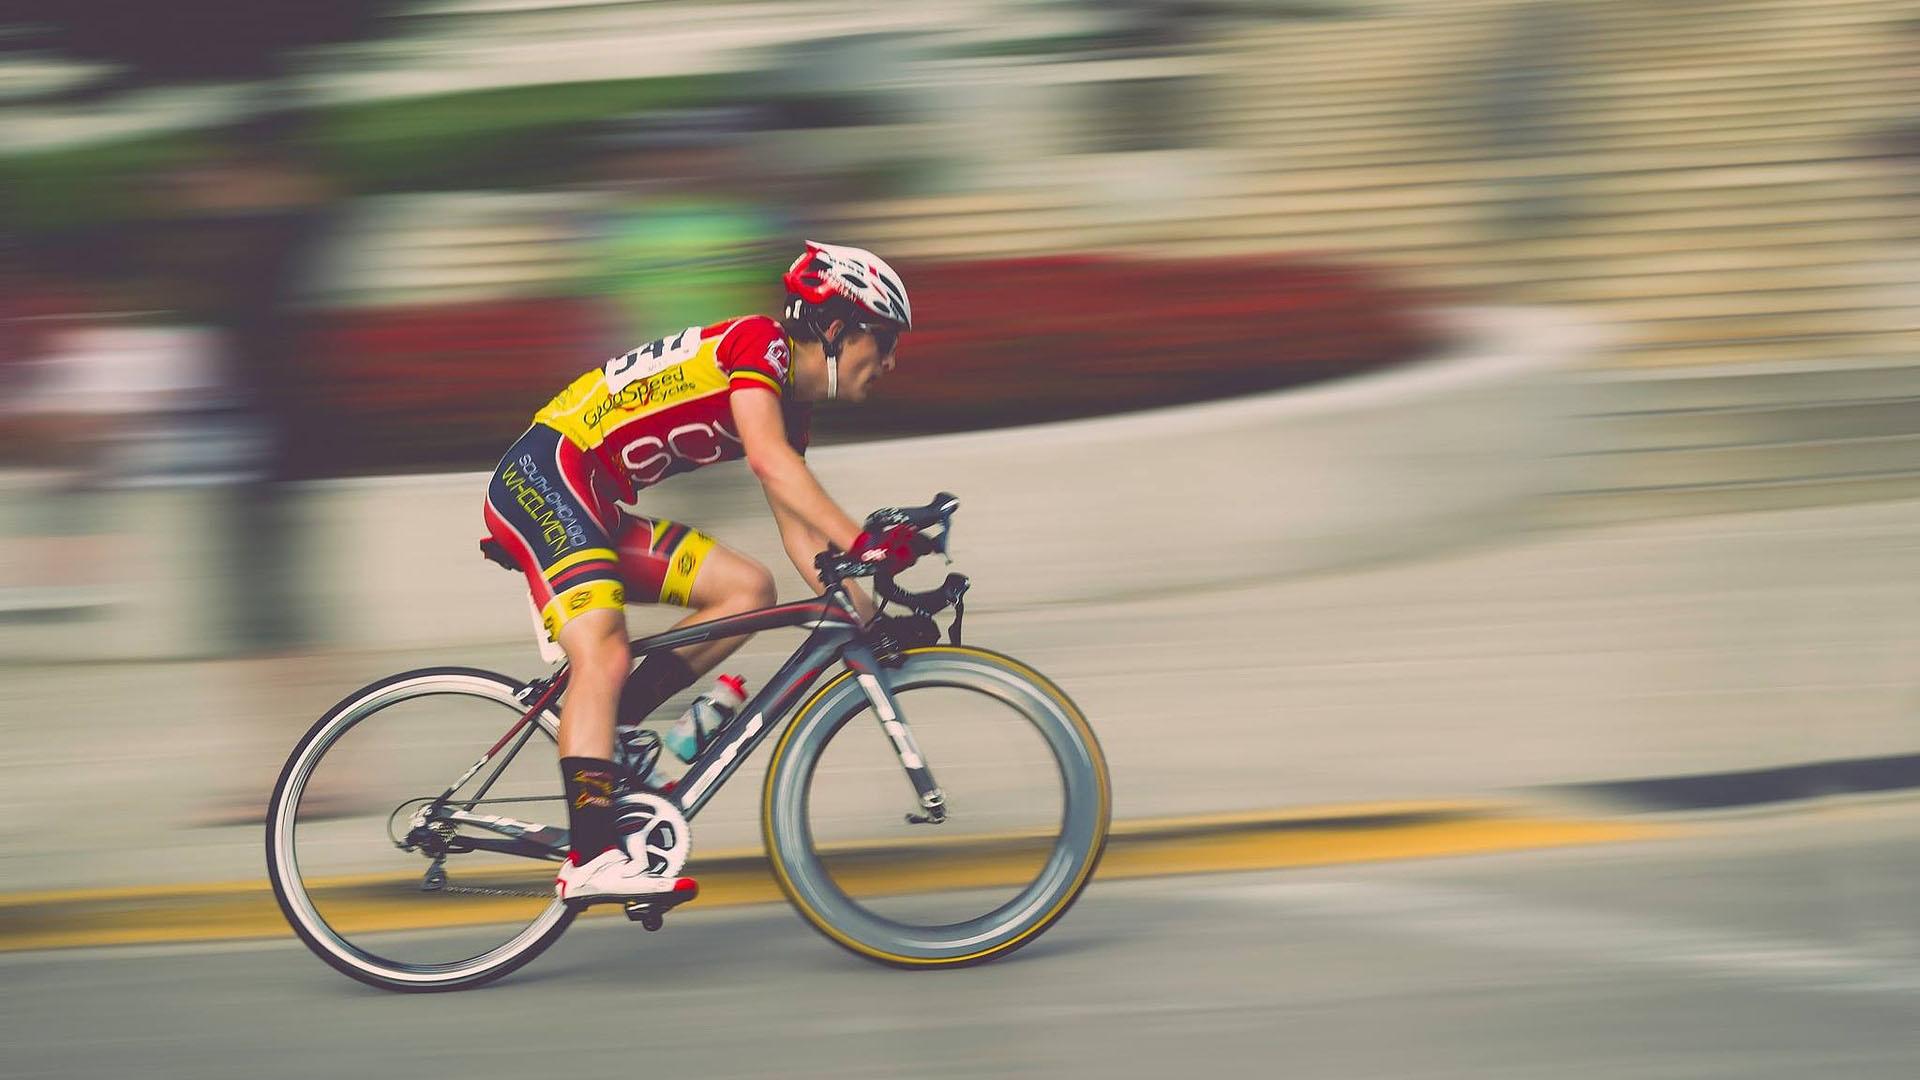 """Ciclismo, Slongo: """"L'intenzione di Nibali è di correre un Tour senza pressioni"""""""